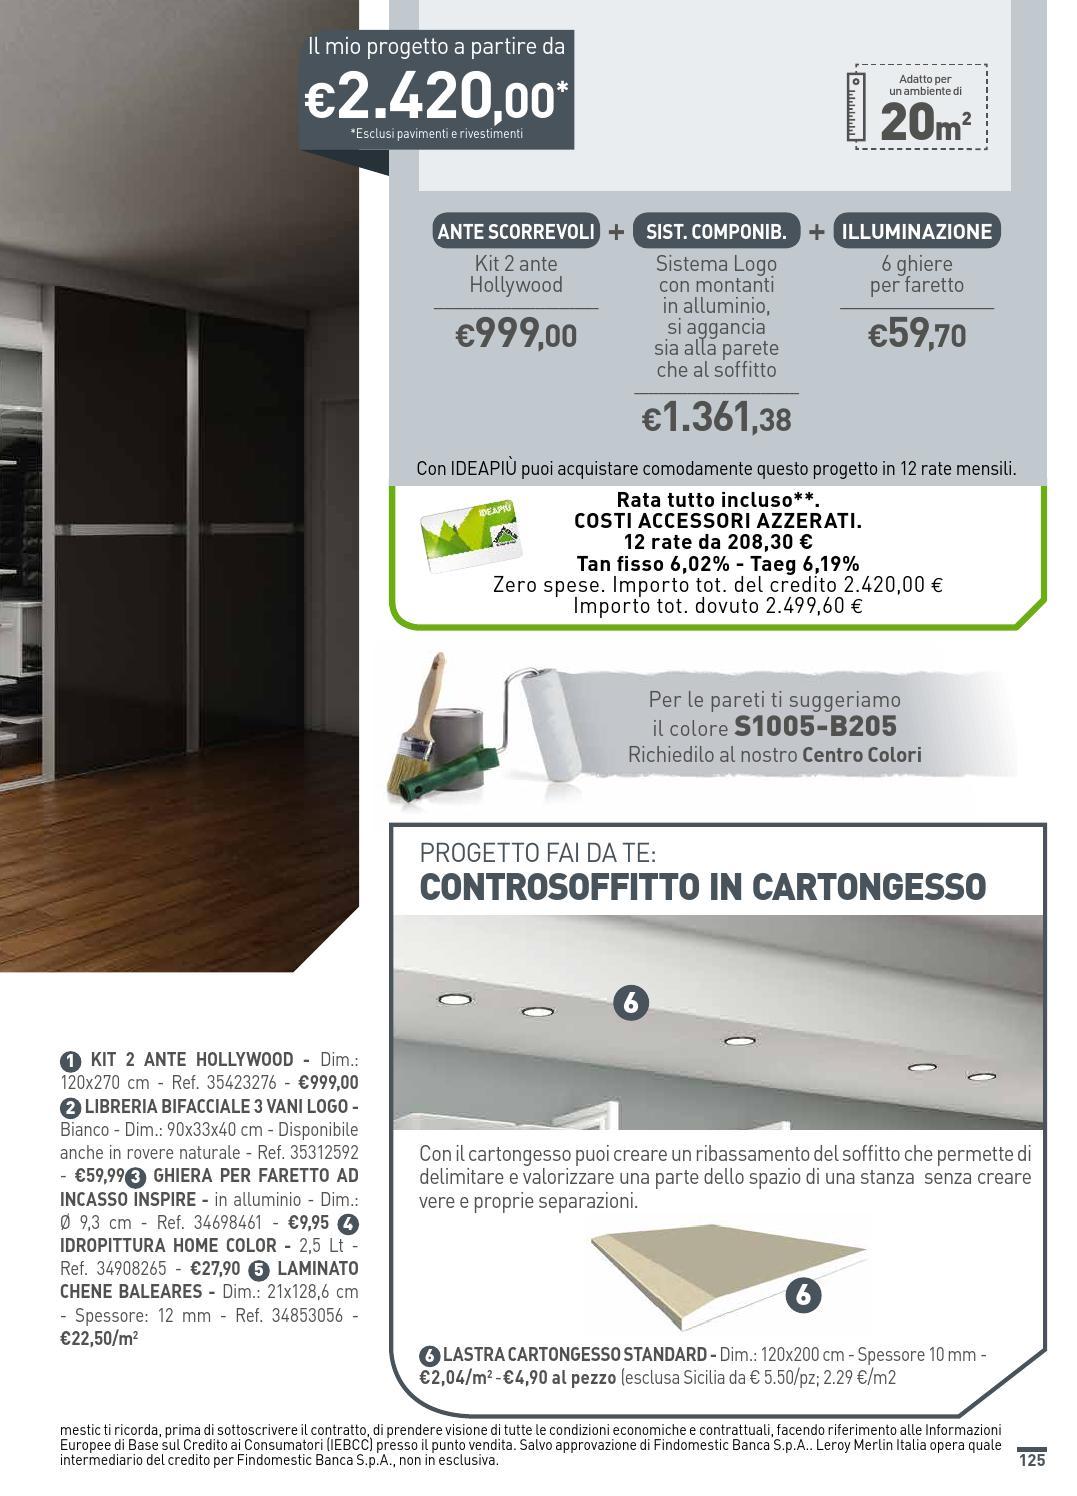 Kit 2 Ante Scorrevoli Leroy Merlin.Leroy Merlin Volantino2015 2016 By Catalogopromozioni Com Issuu